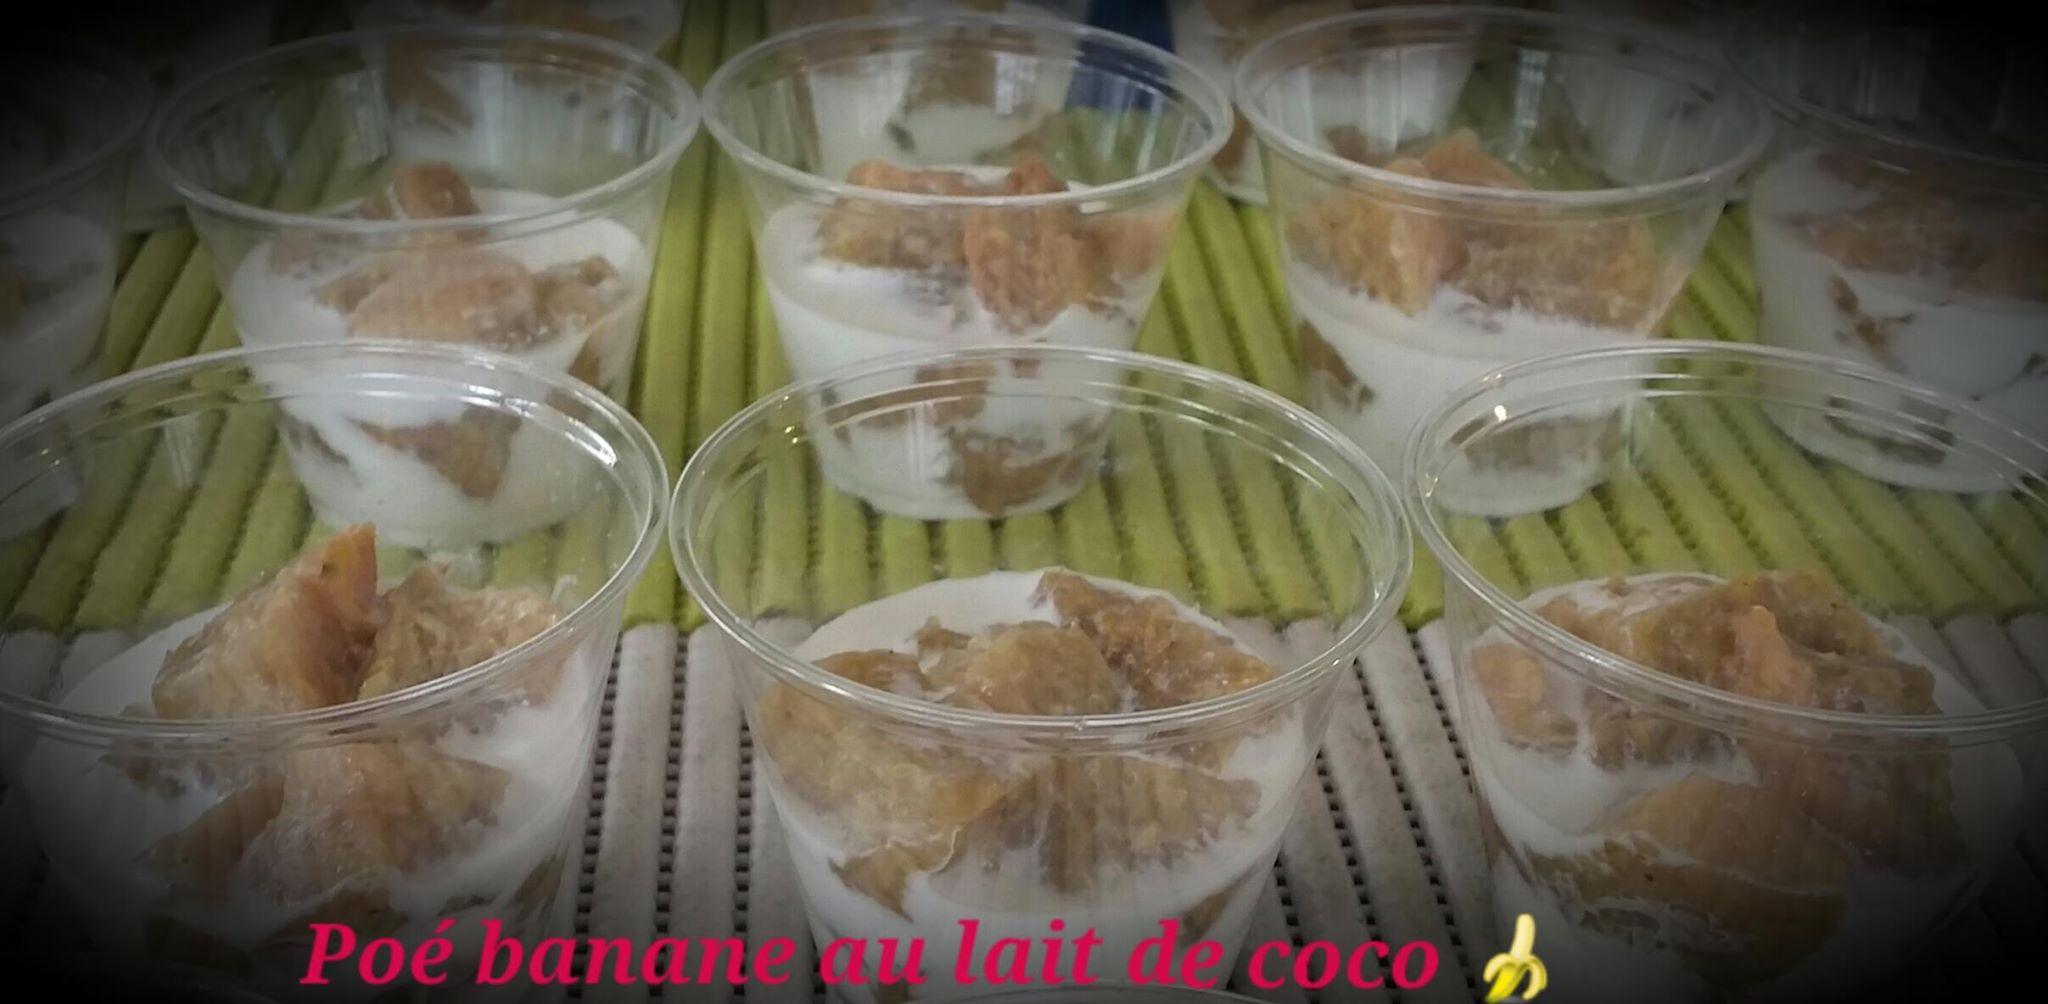 poé_banane_au_lait_de_coco